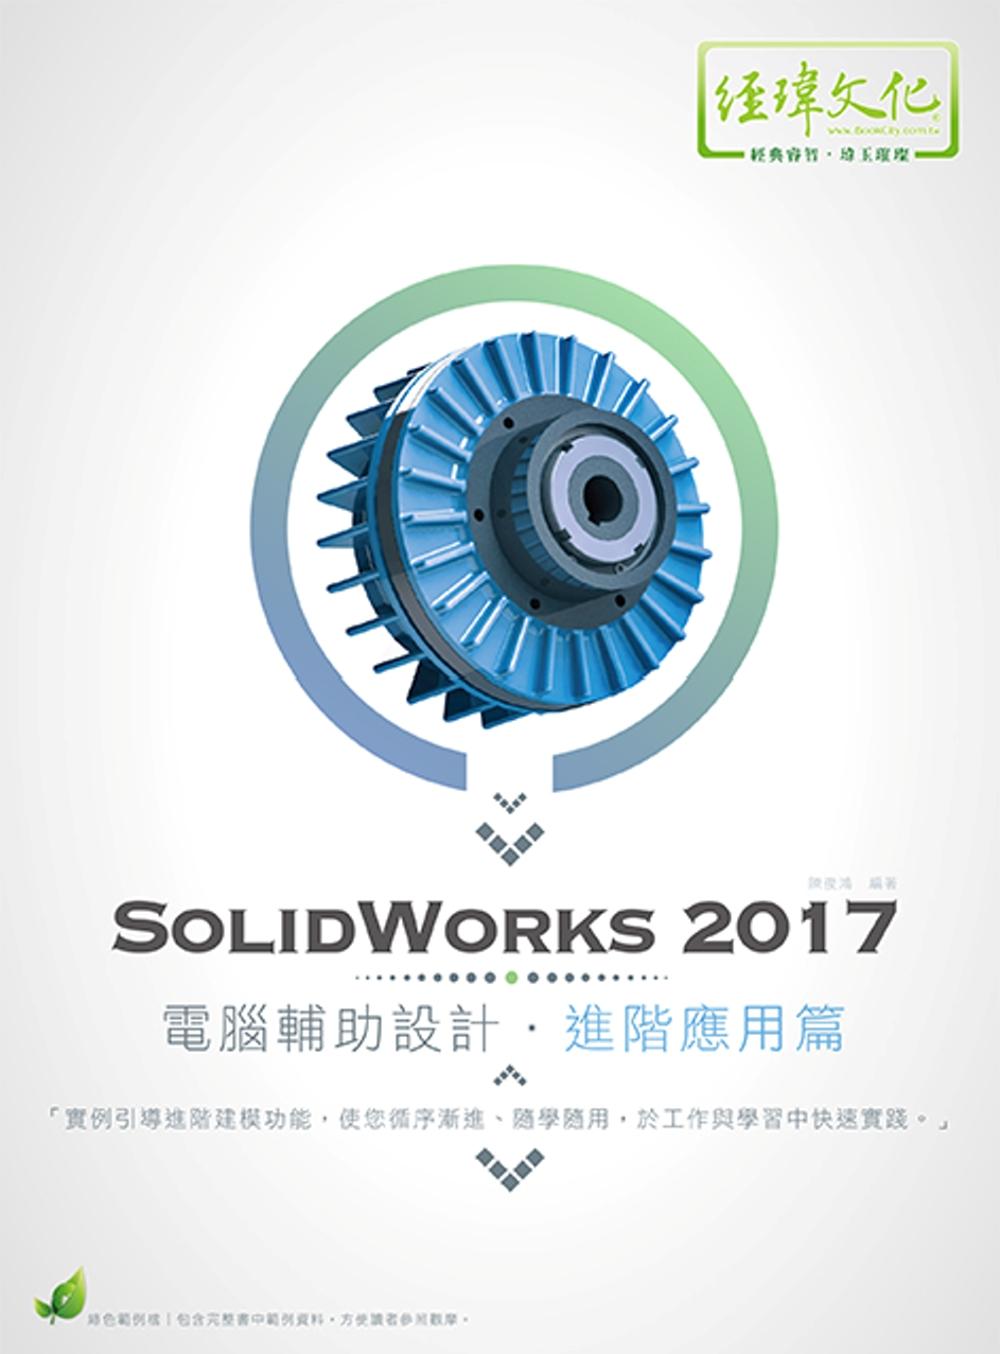 SolidWorks 2017 電腦輔助設計:進階應用篇(附綠色範例檔)